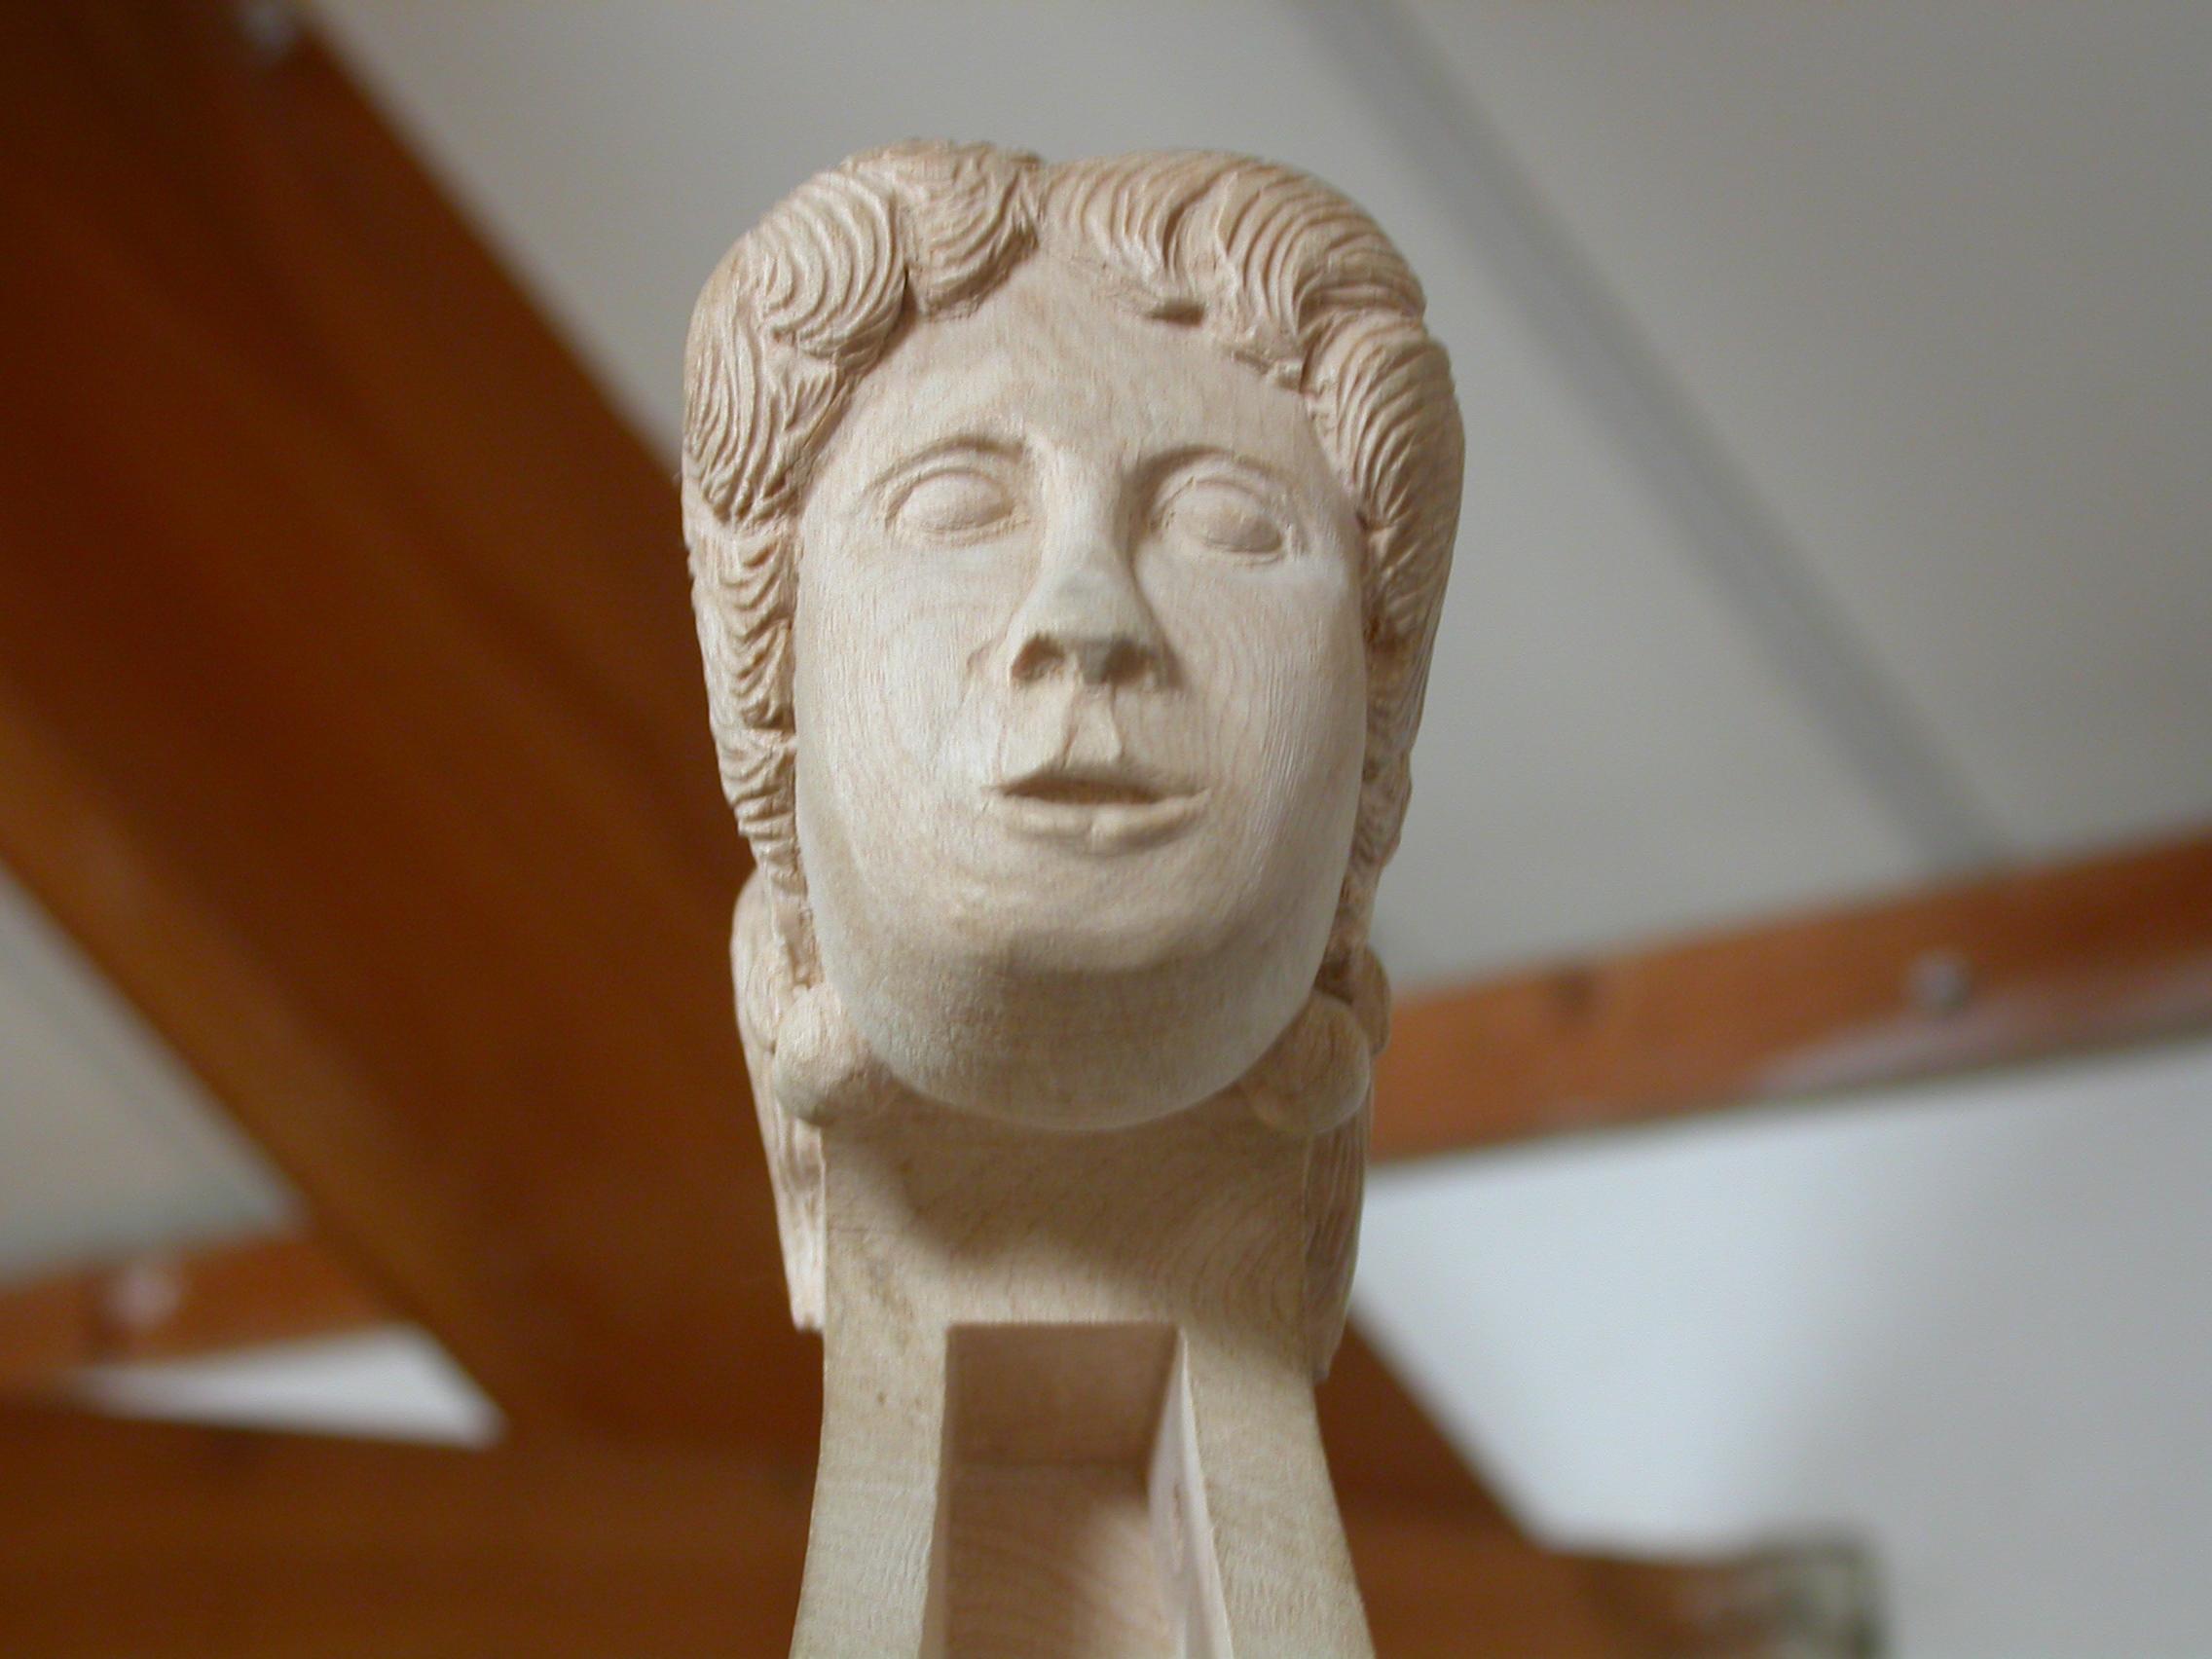 art sculptures human face wood statue bust